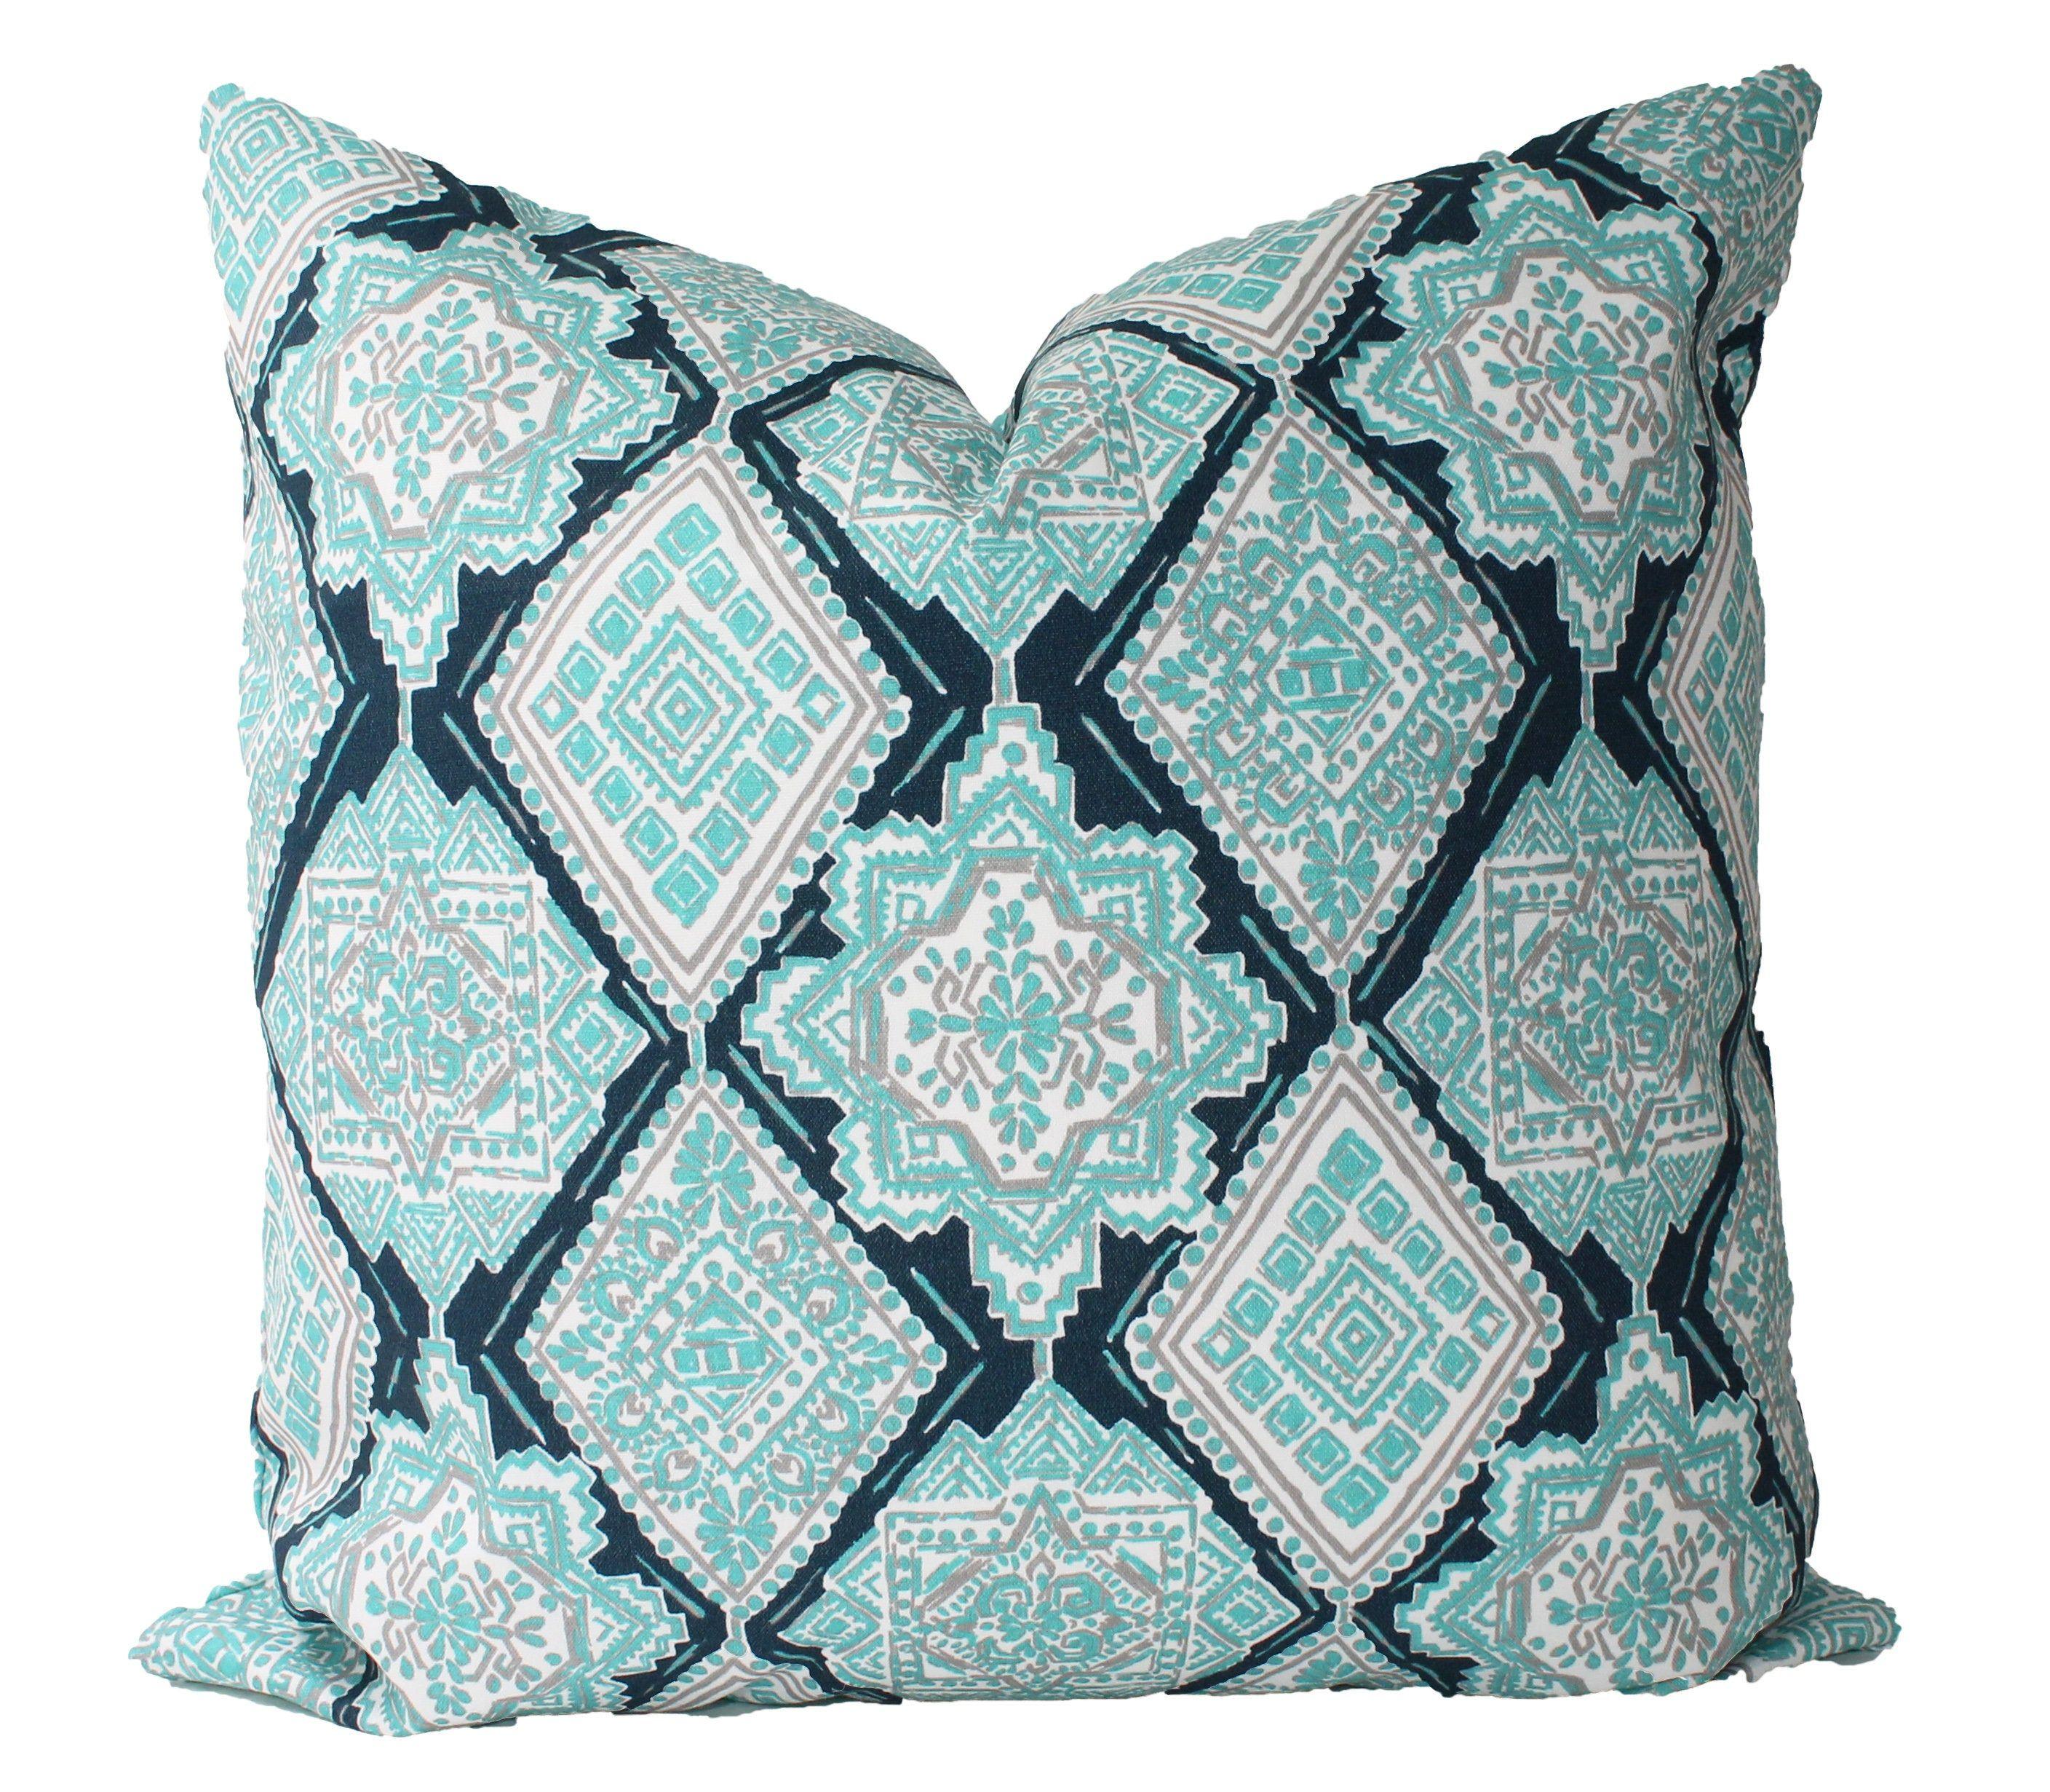 Outdoor Decorative Designer Geometric Paisley Diamond Turquoise Accent Pillows 18x18 20x20 22x22 Or Lumbar Throw Pillow Turquoise Accent Pillows Lumbar Throw Pillow Throw Pillows